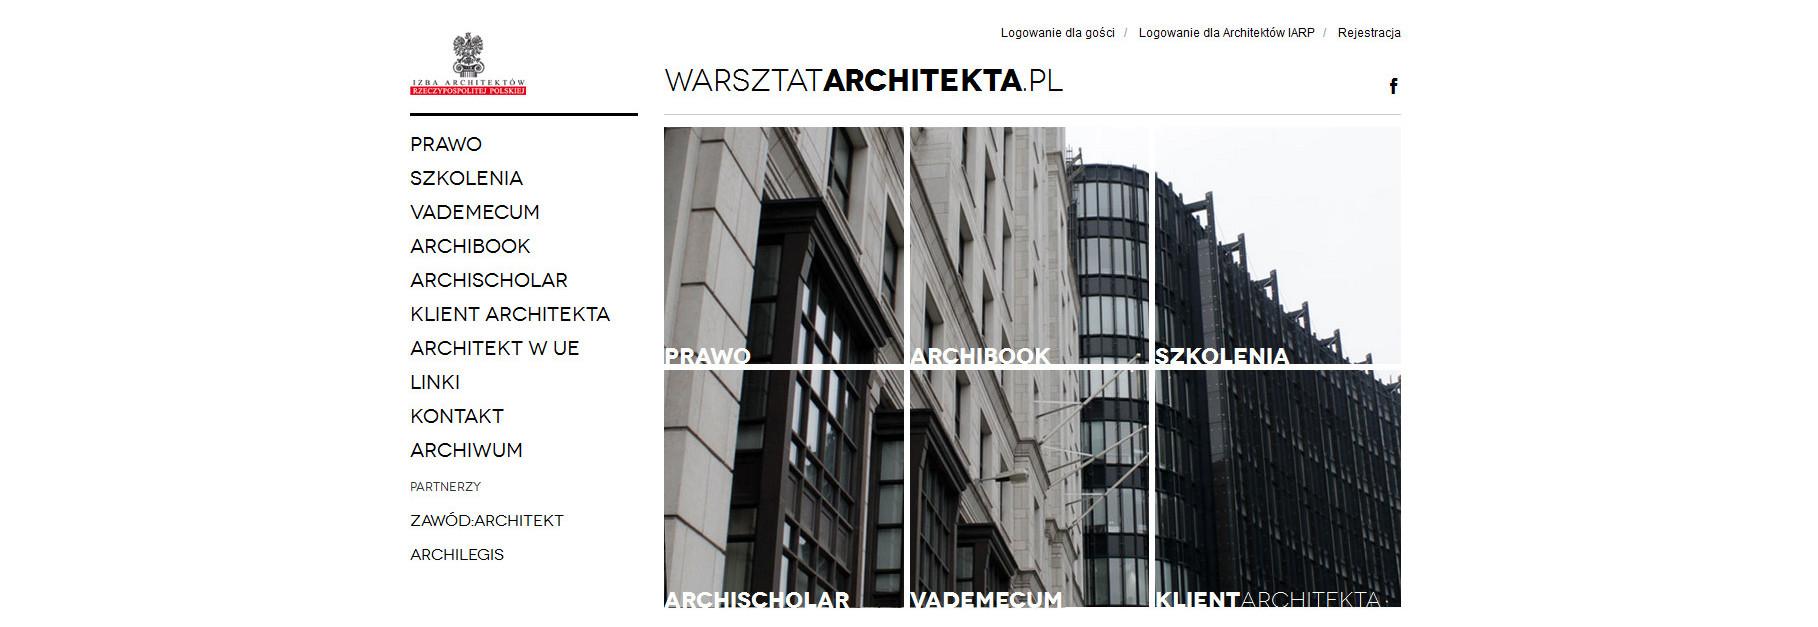 Warsztat Architekta – narzędzie pracy dla architektów